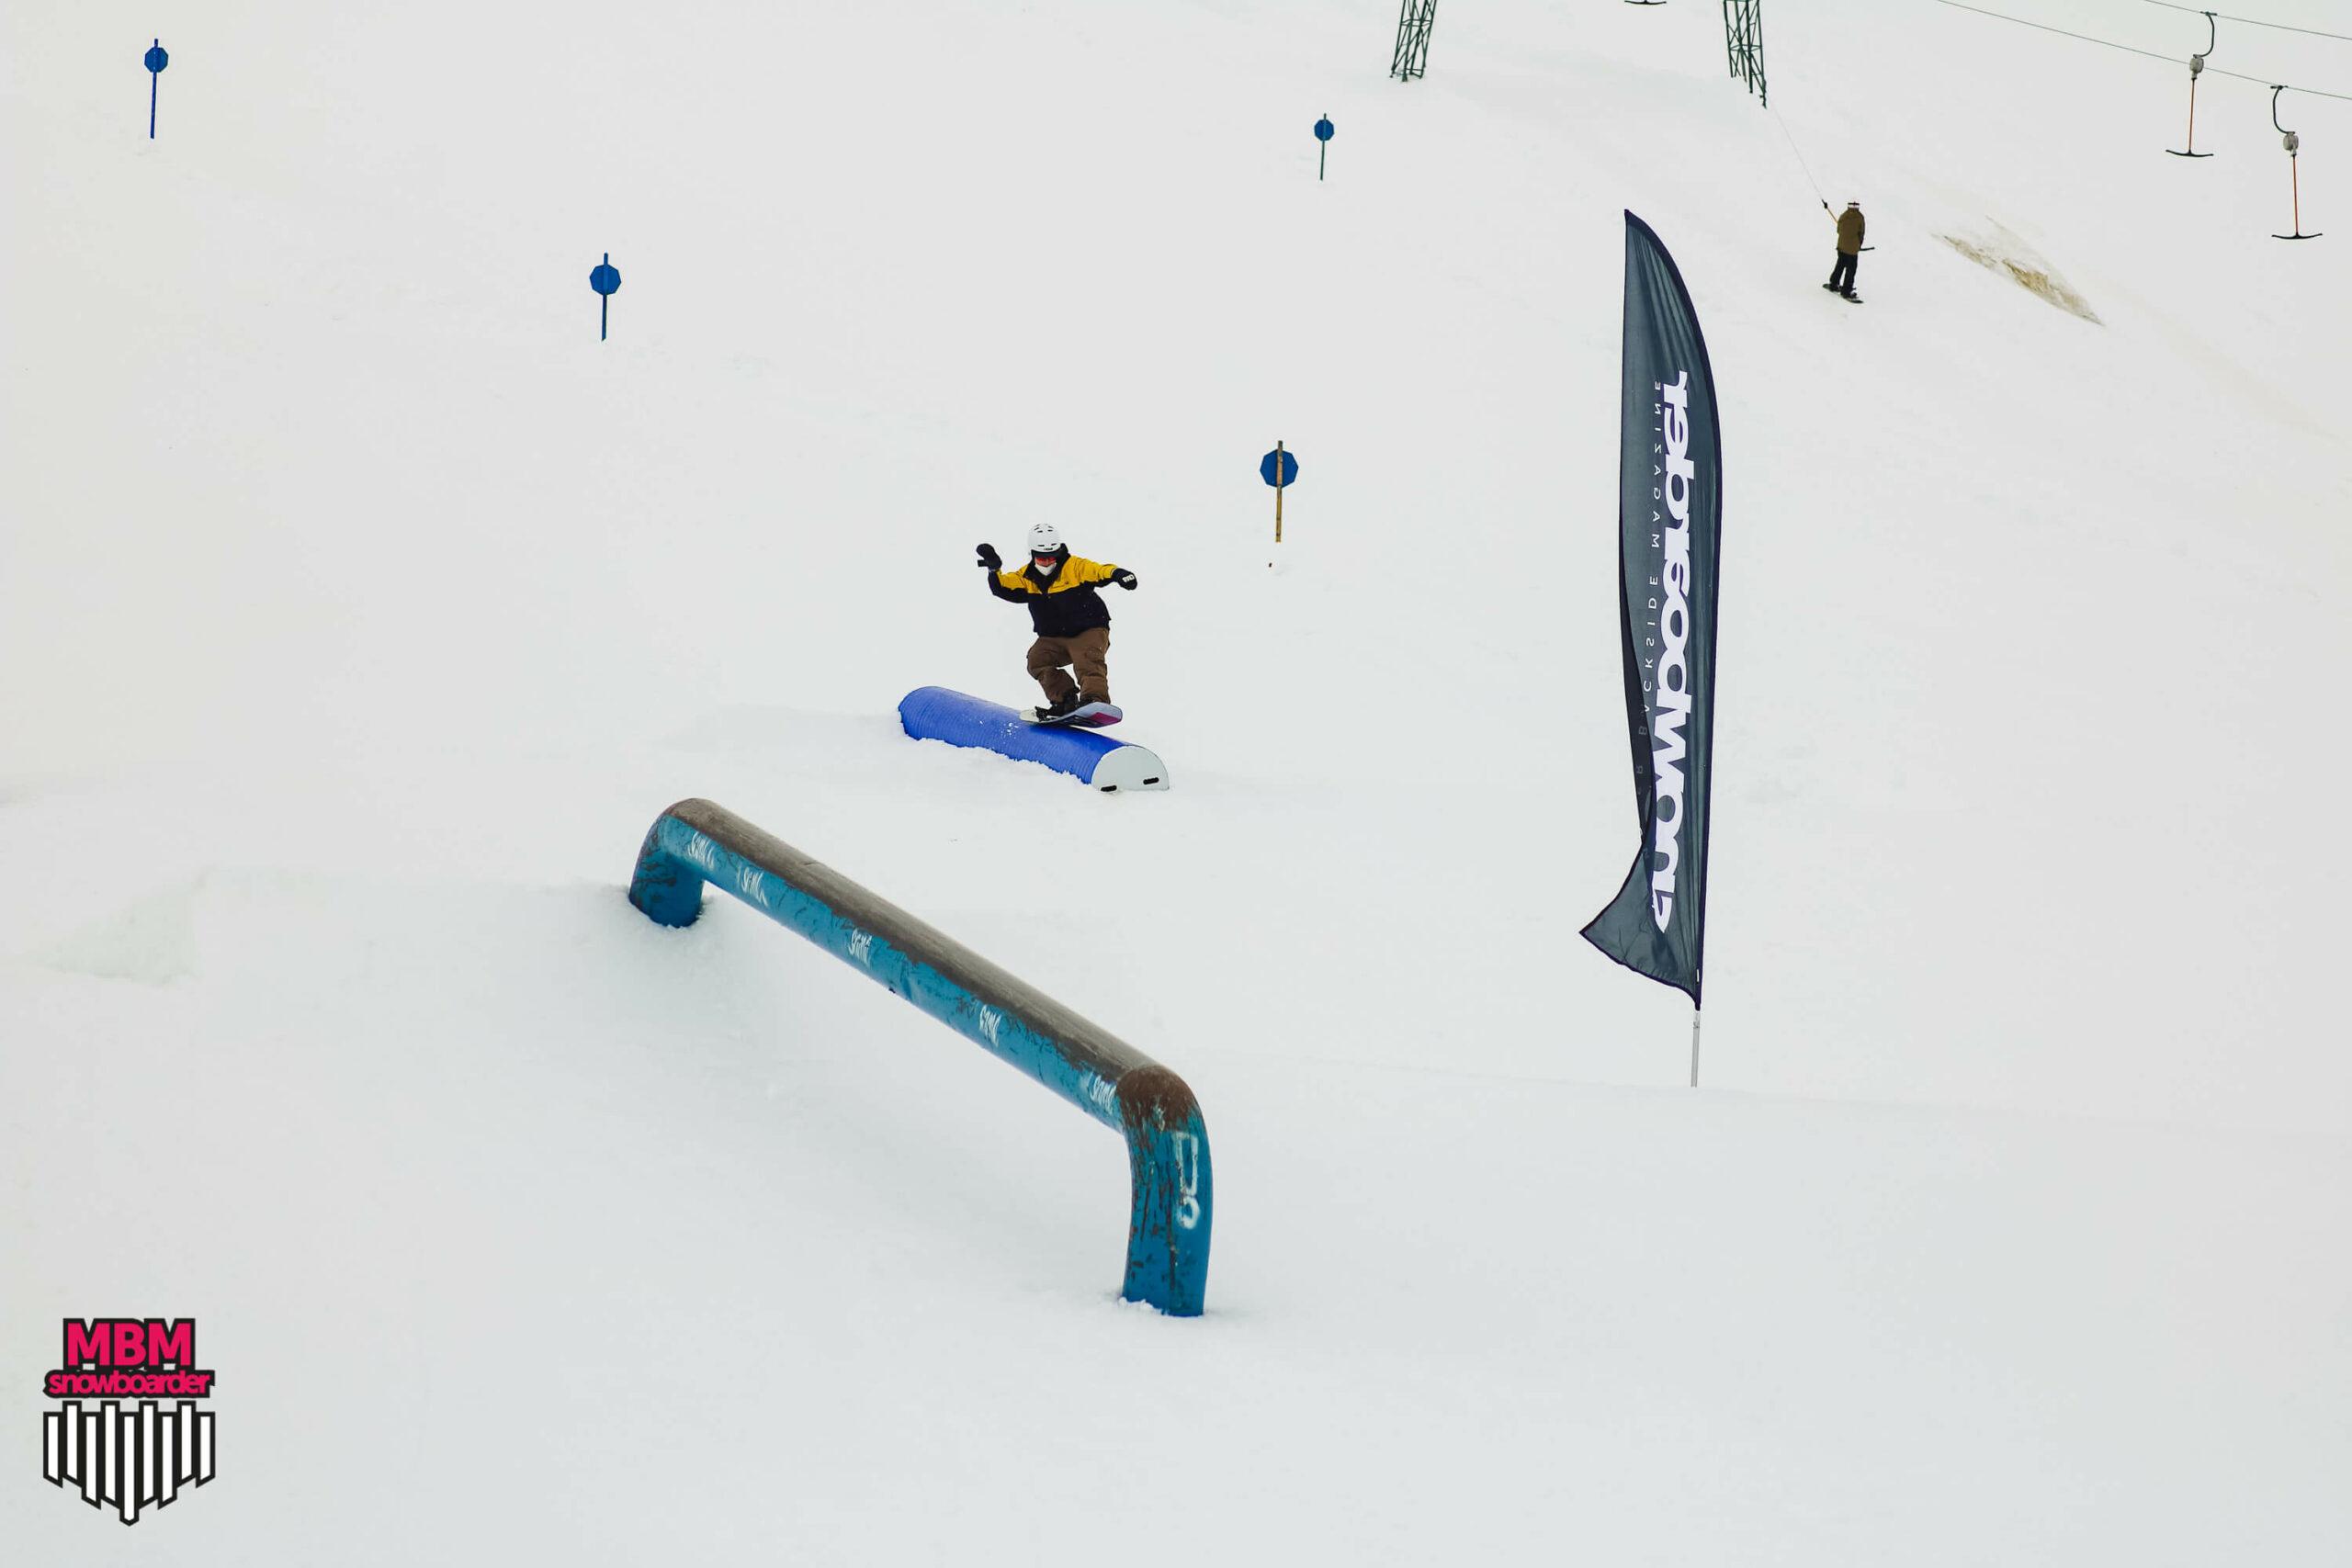 snowboarderMBM_sd_kaunertal_058